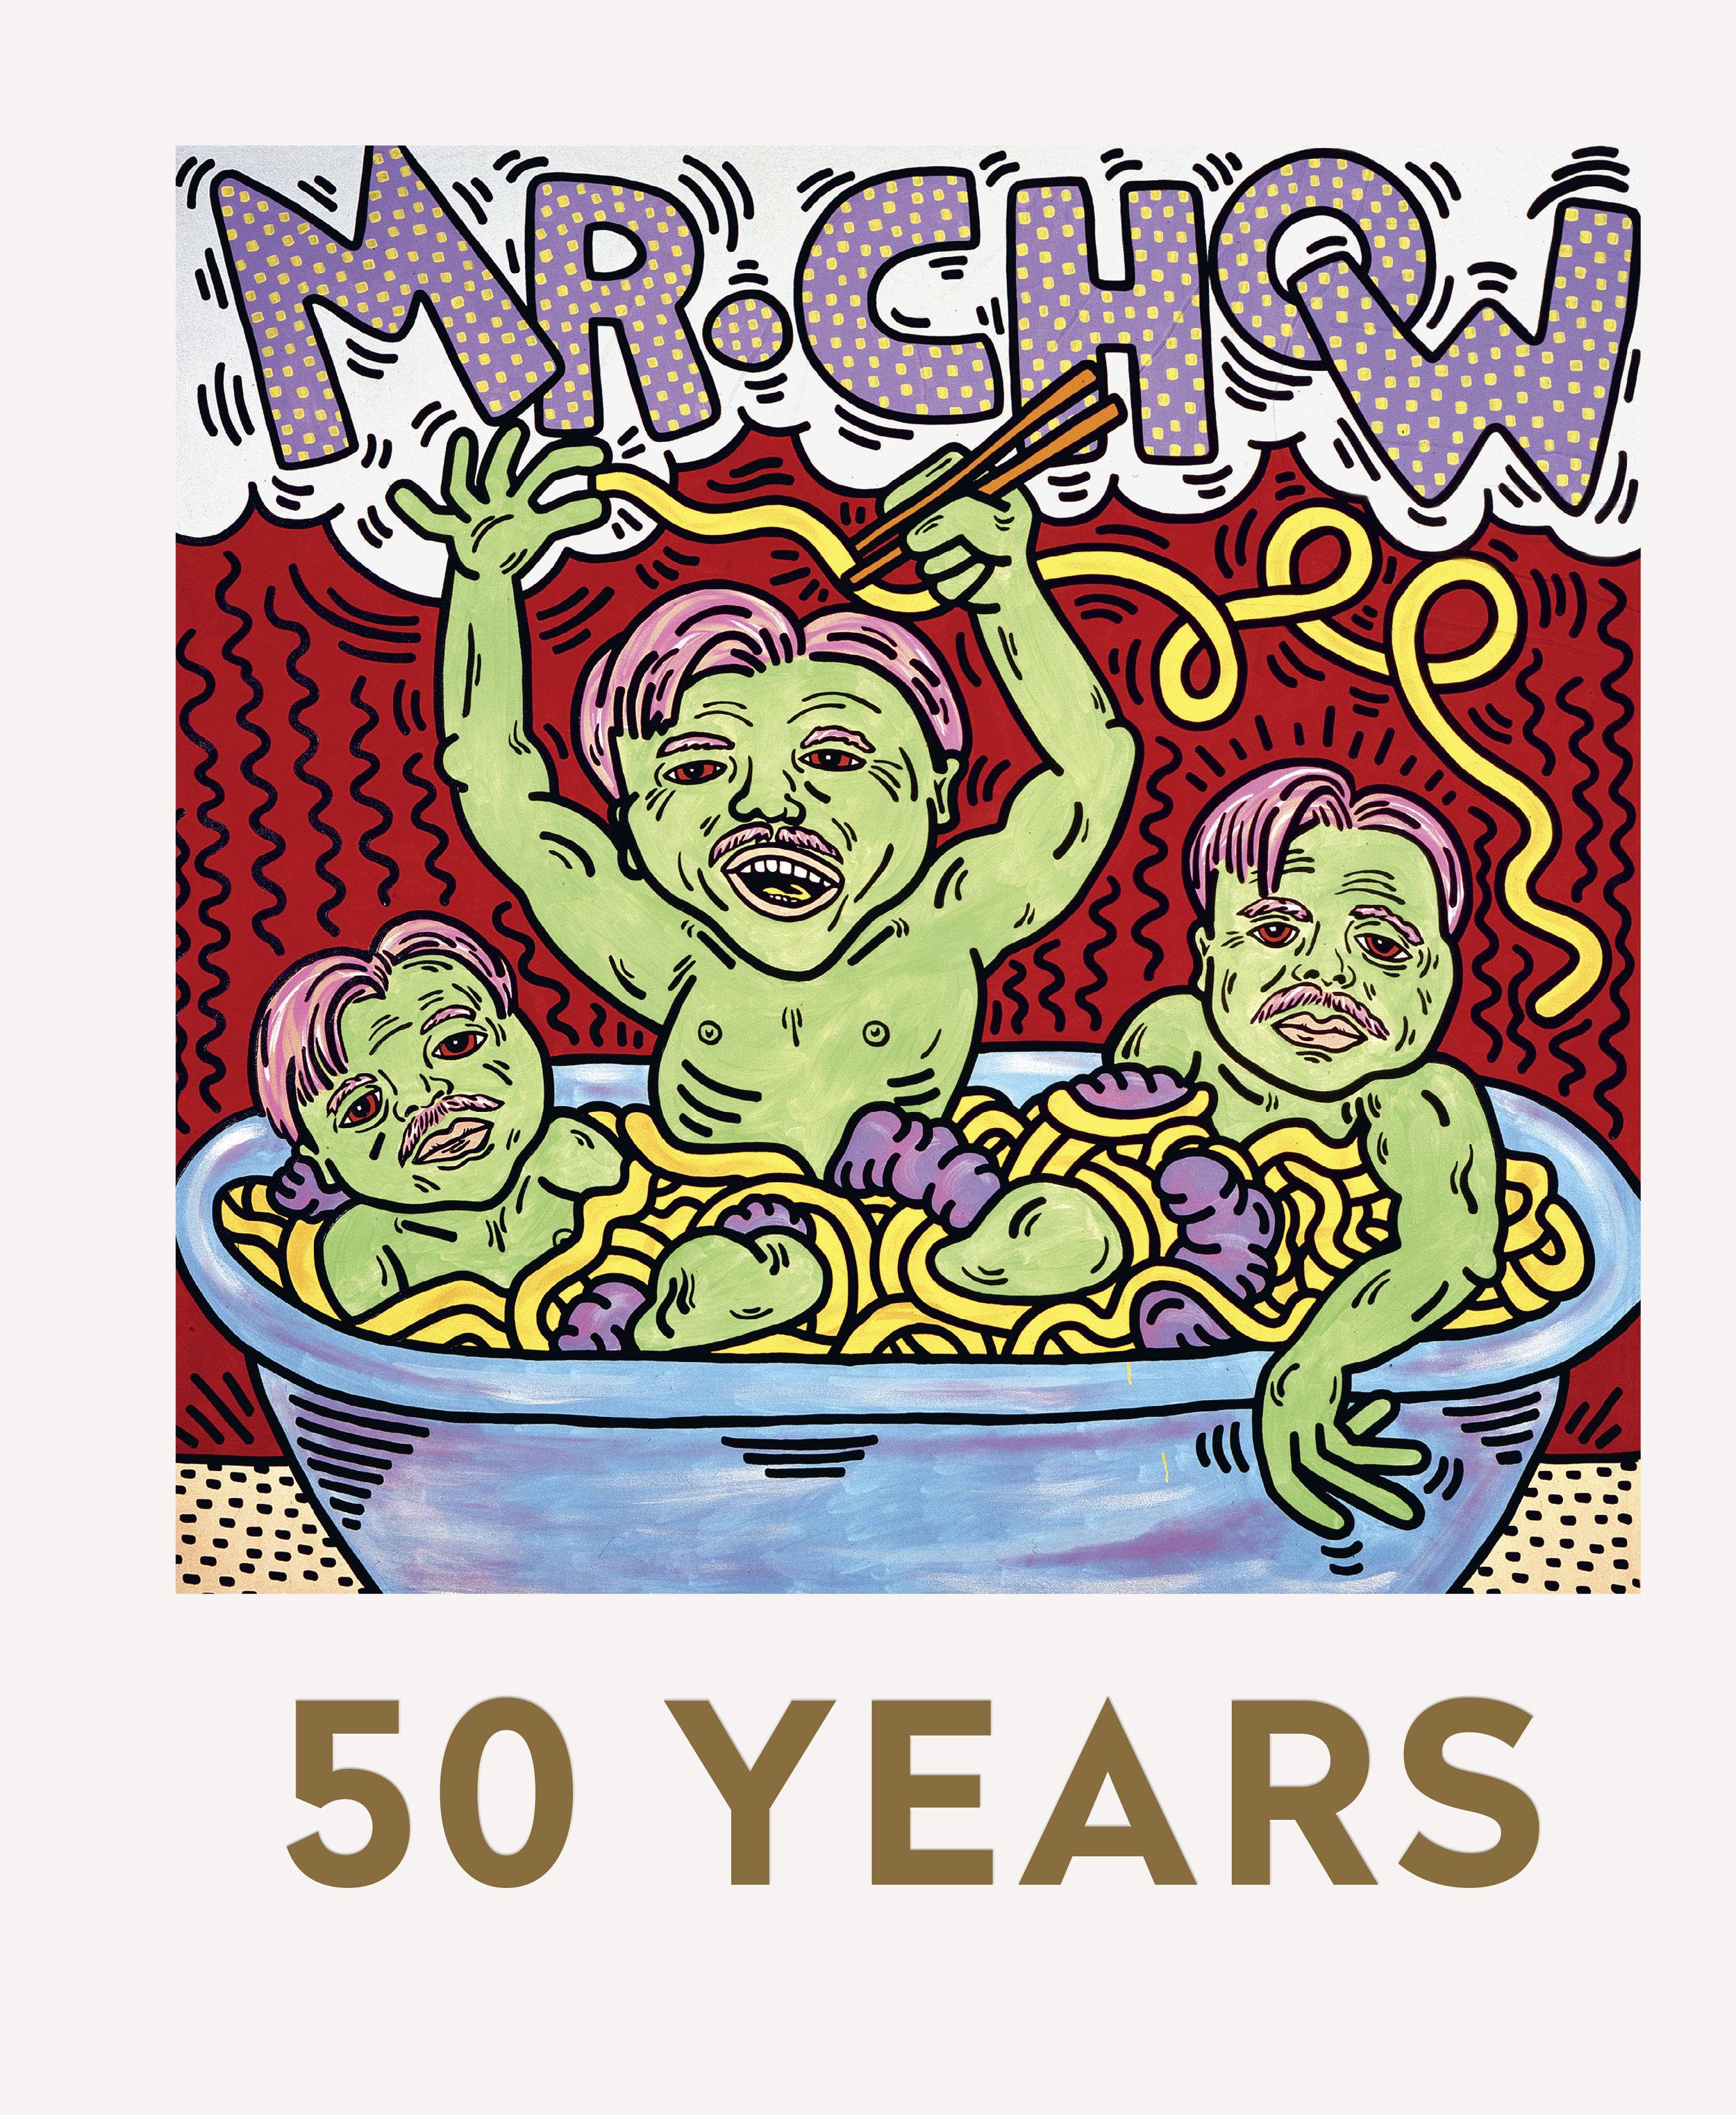 """La copertina del libro """"MR Chow: 50 Years"""", edito da Prestel, realizzata da Keith Haring."""